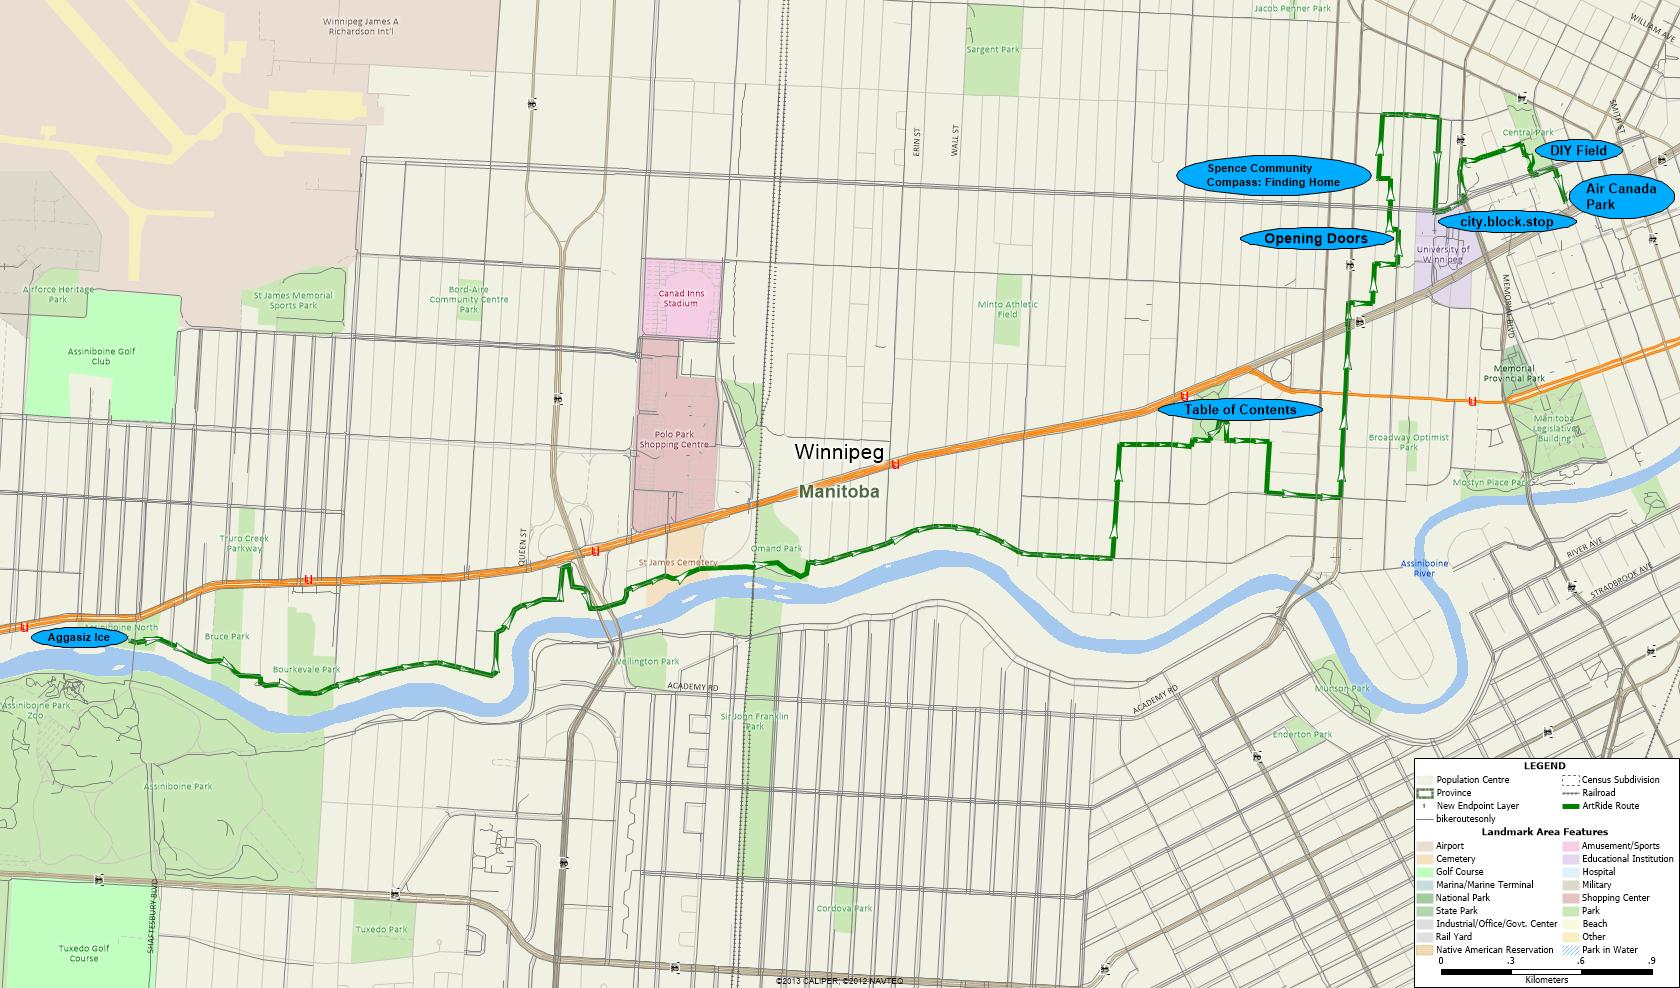 Map of September 29 Public Artwork Tour